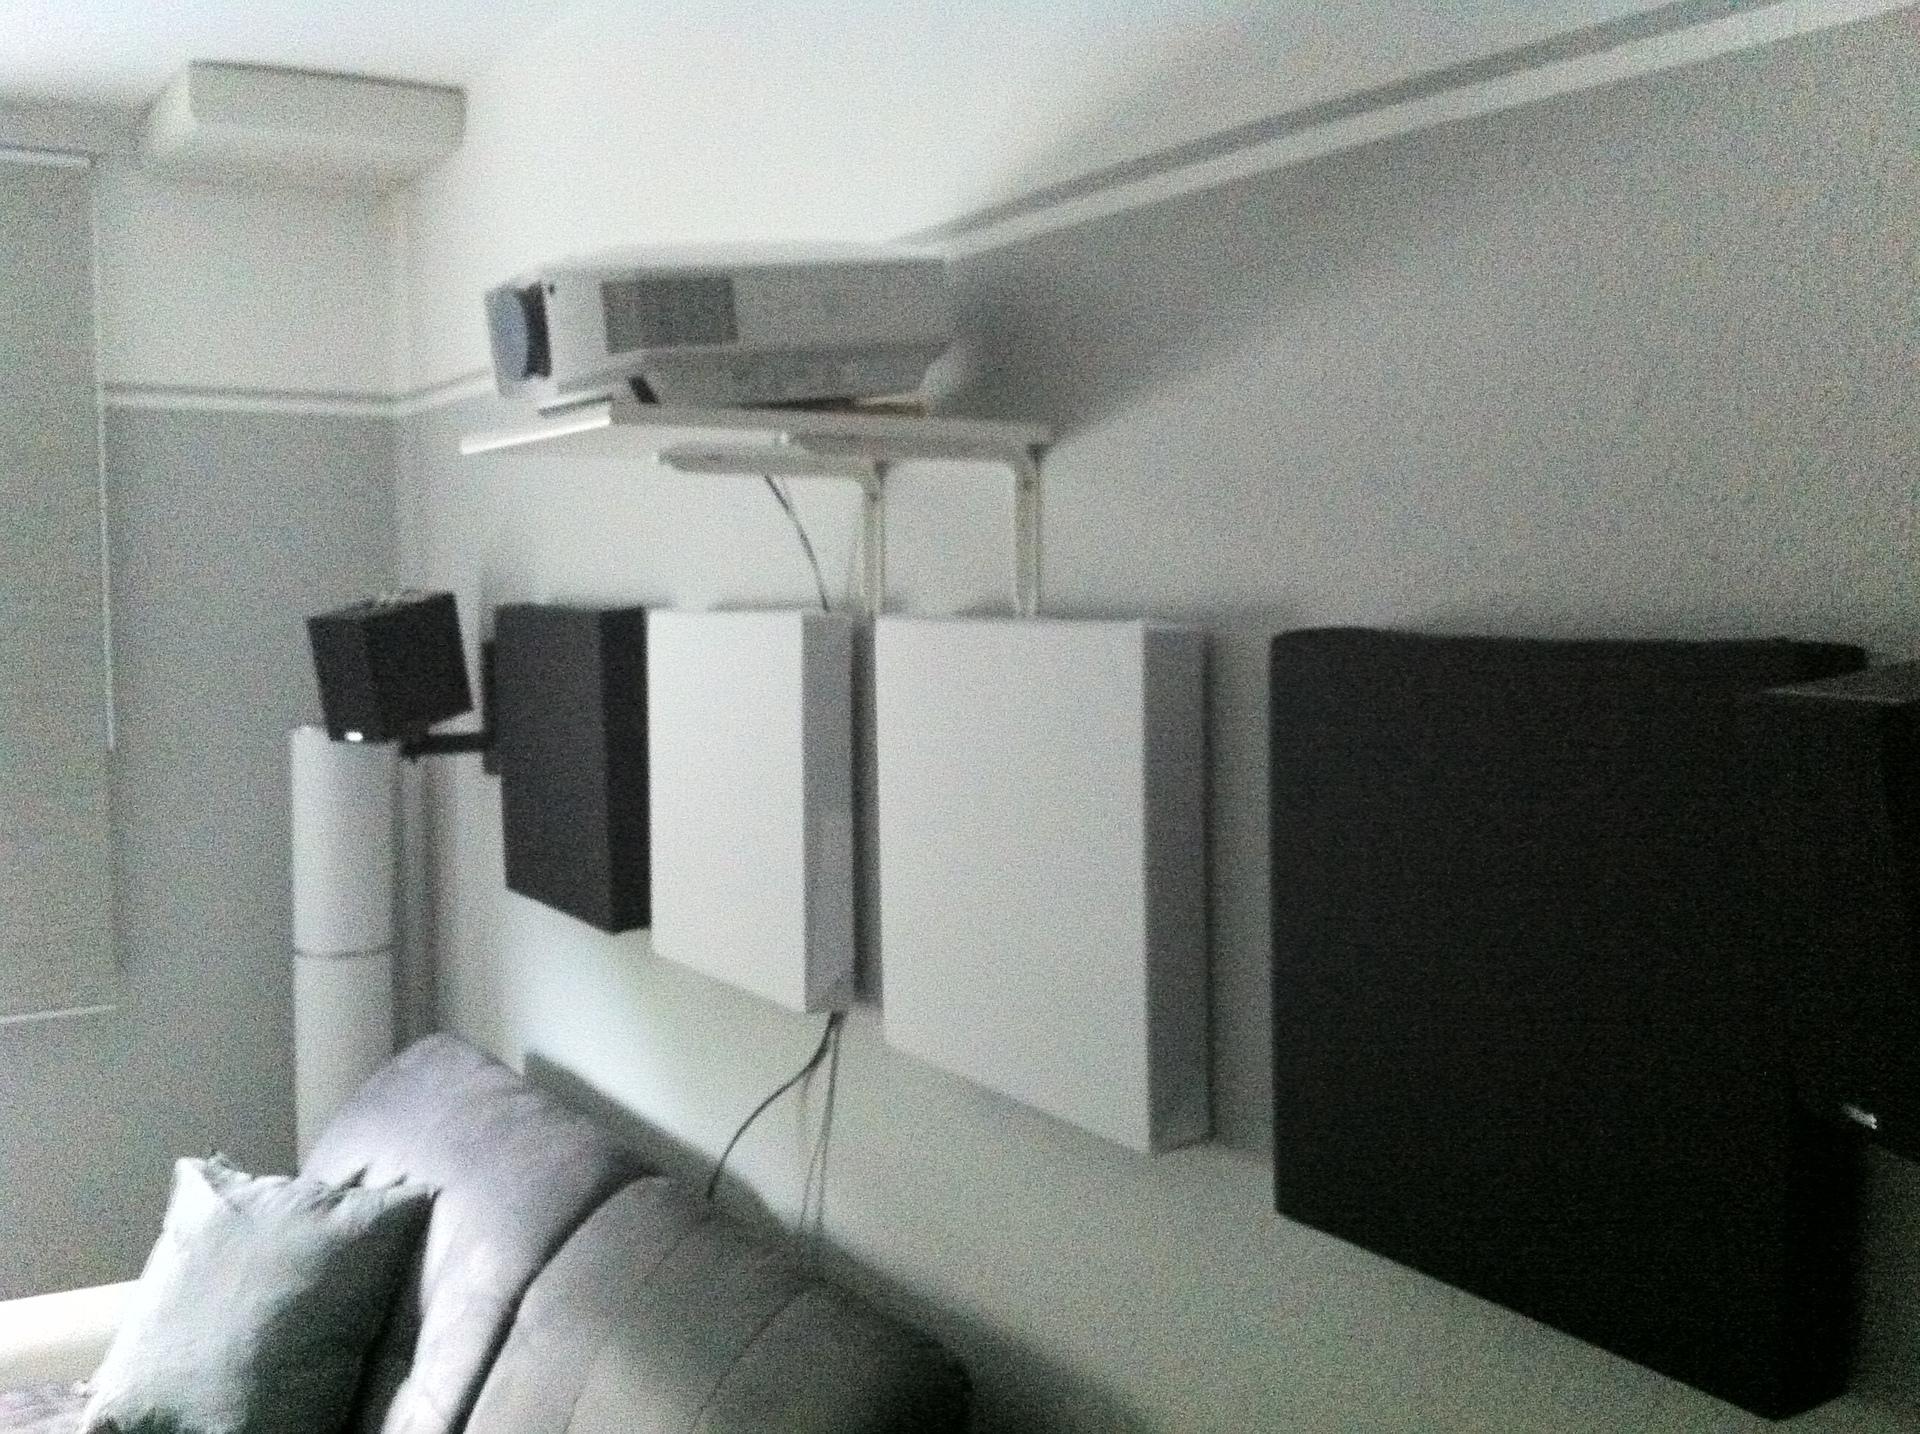 Sony Vpl Hw40 Projektorhalterung Montage Bildgröße Projektoren